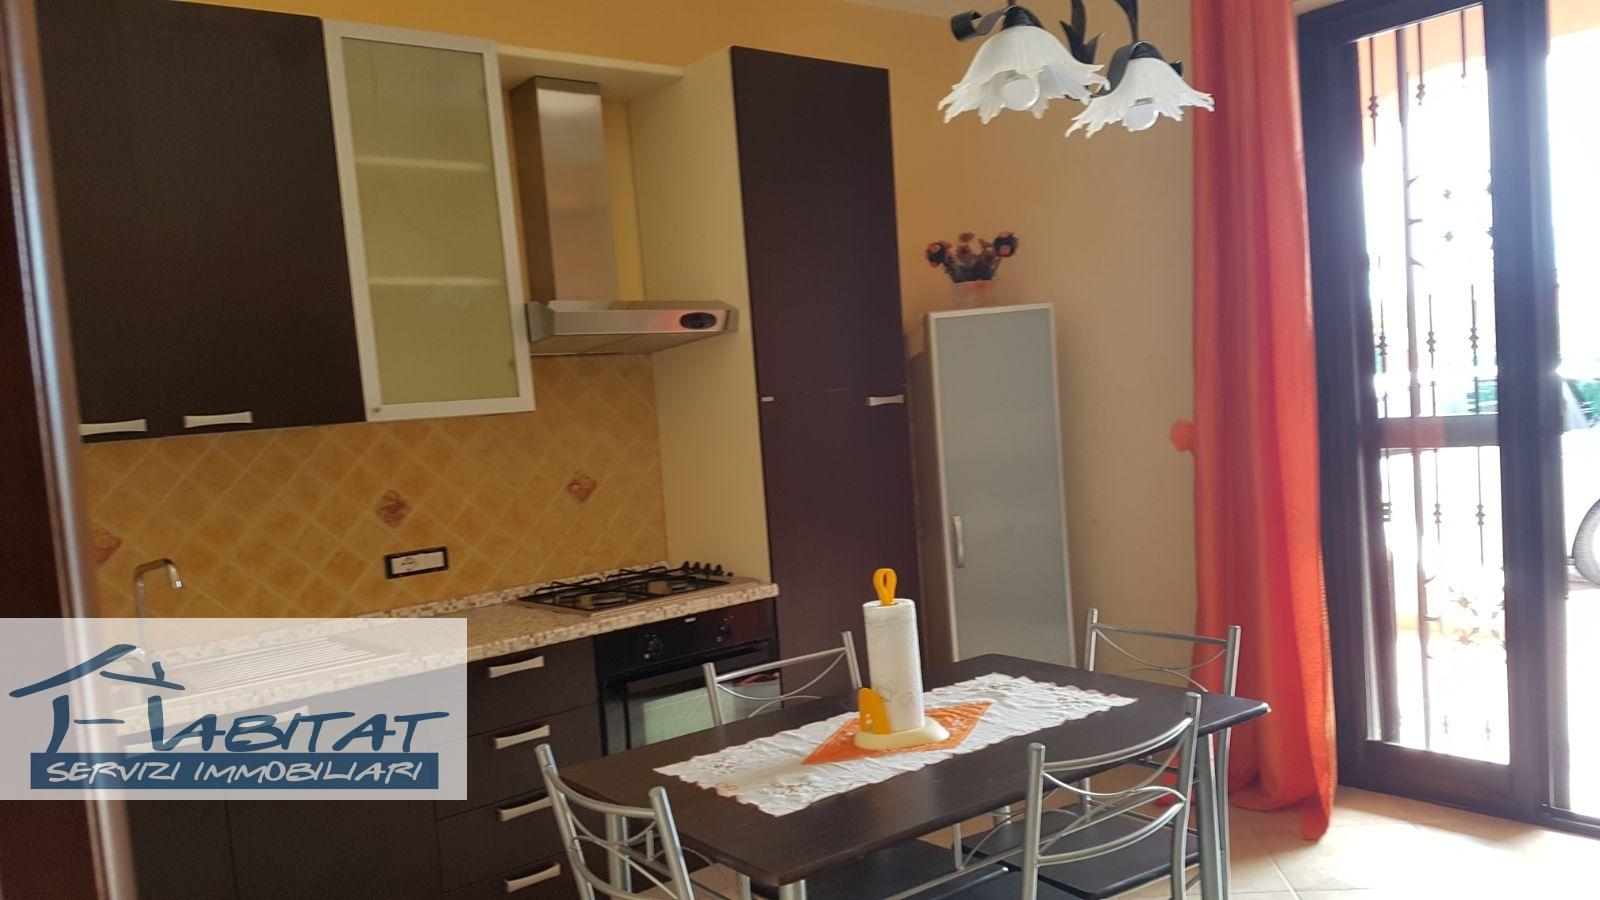 Appartamento in affitto a Agrigento, 2 locali, zona Località: VillaggioMosè, prezzo € 350   CambioCasa.it